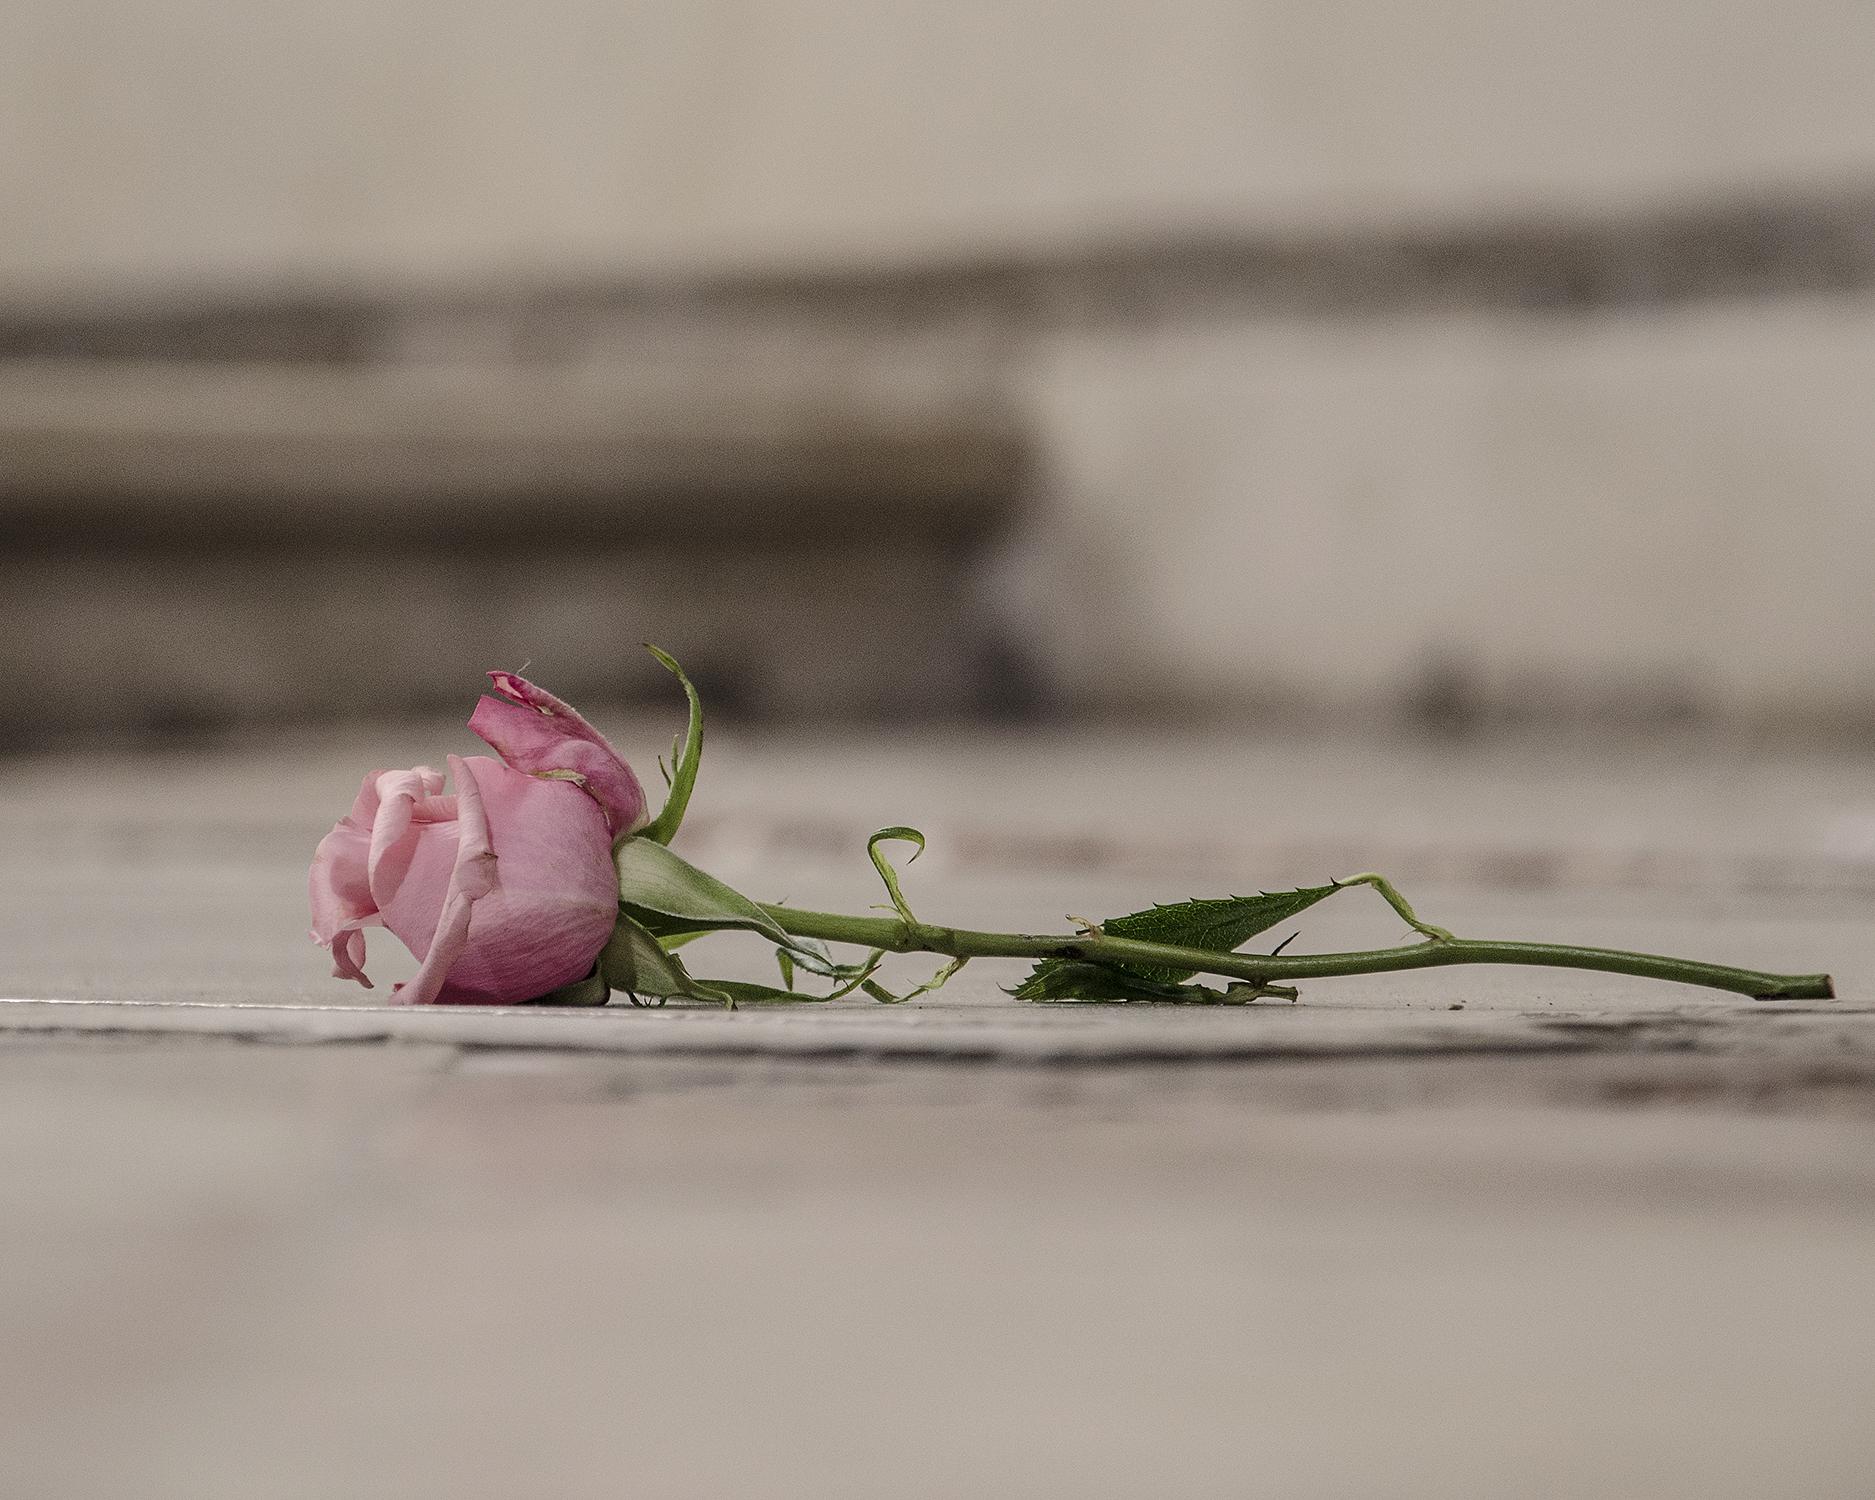 rosa a ricordo-7922.jpg